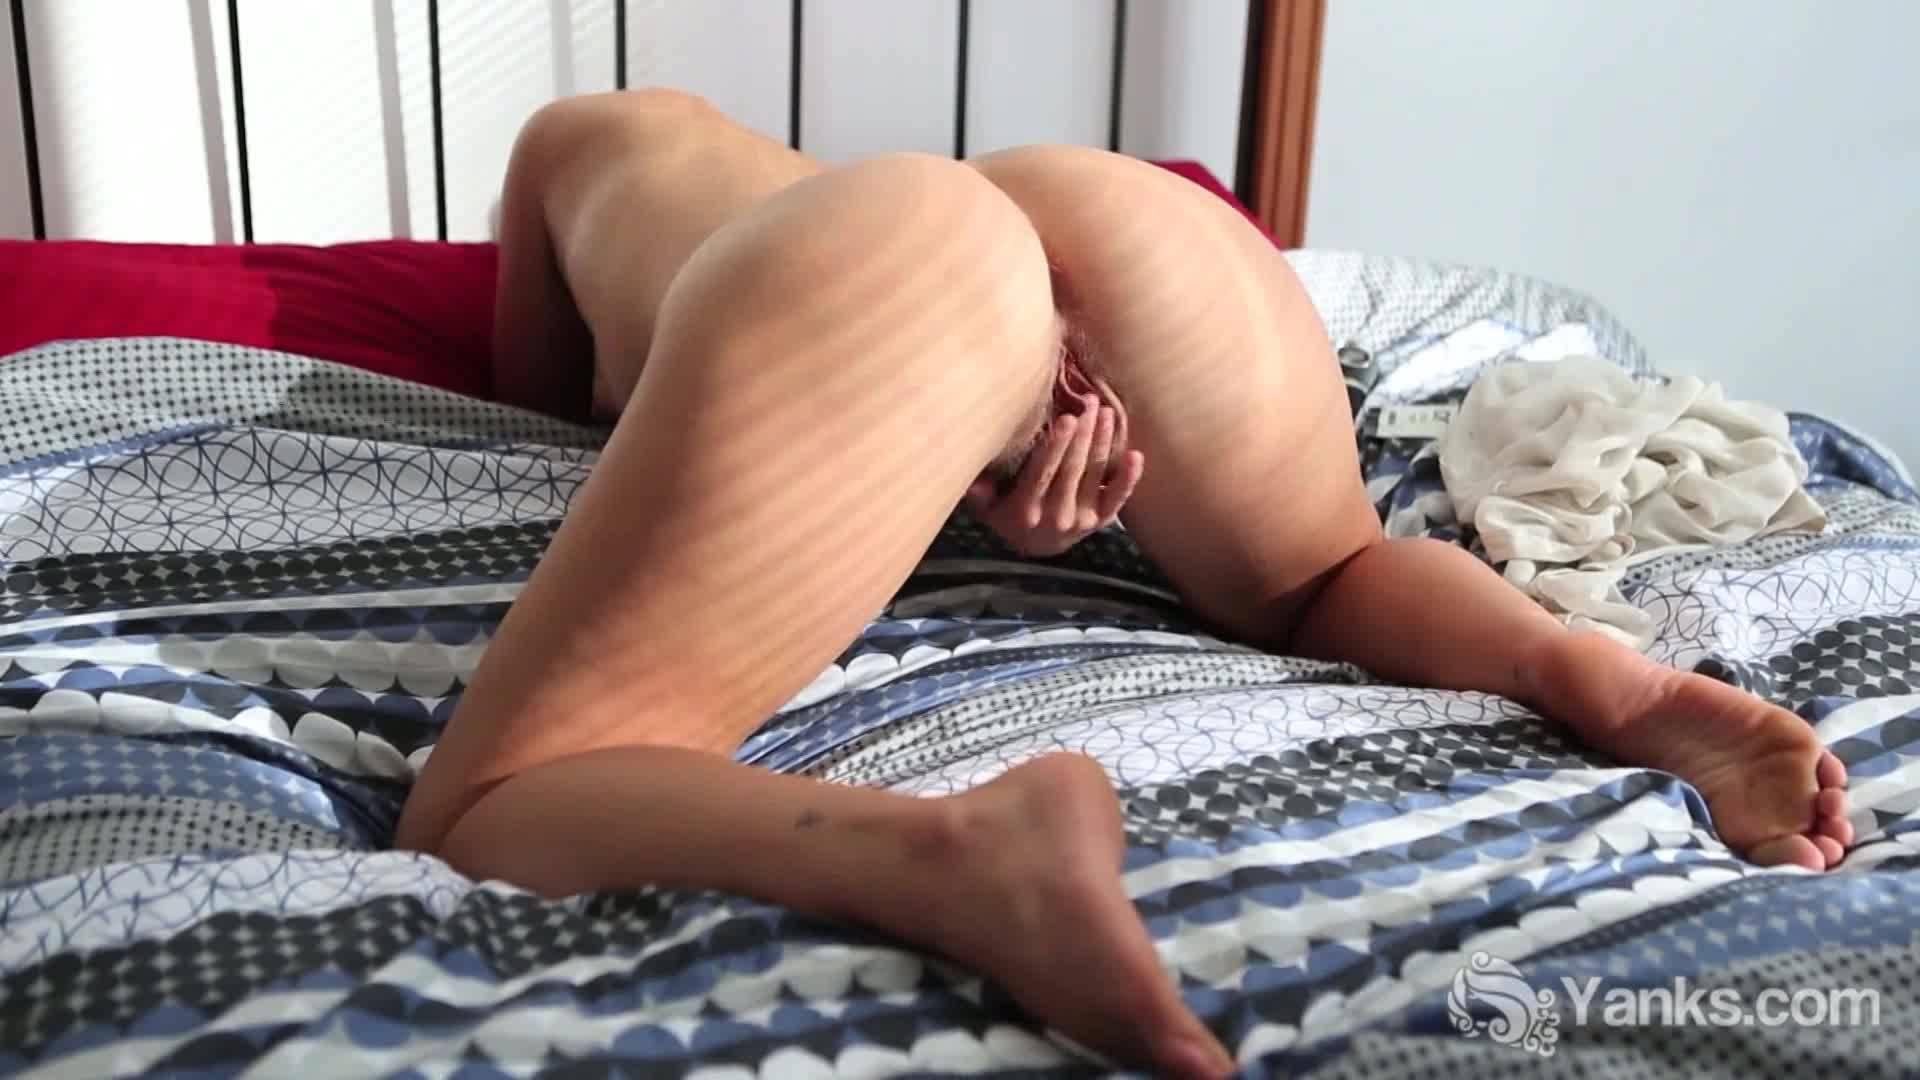 Татуированная баба с волосатой мандой мастурбирует на кровати